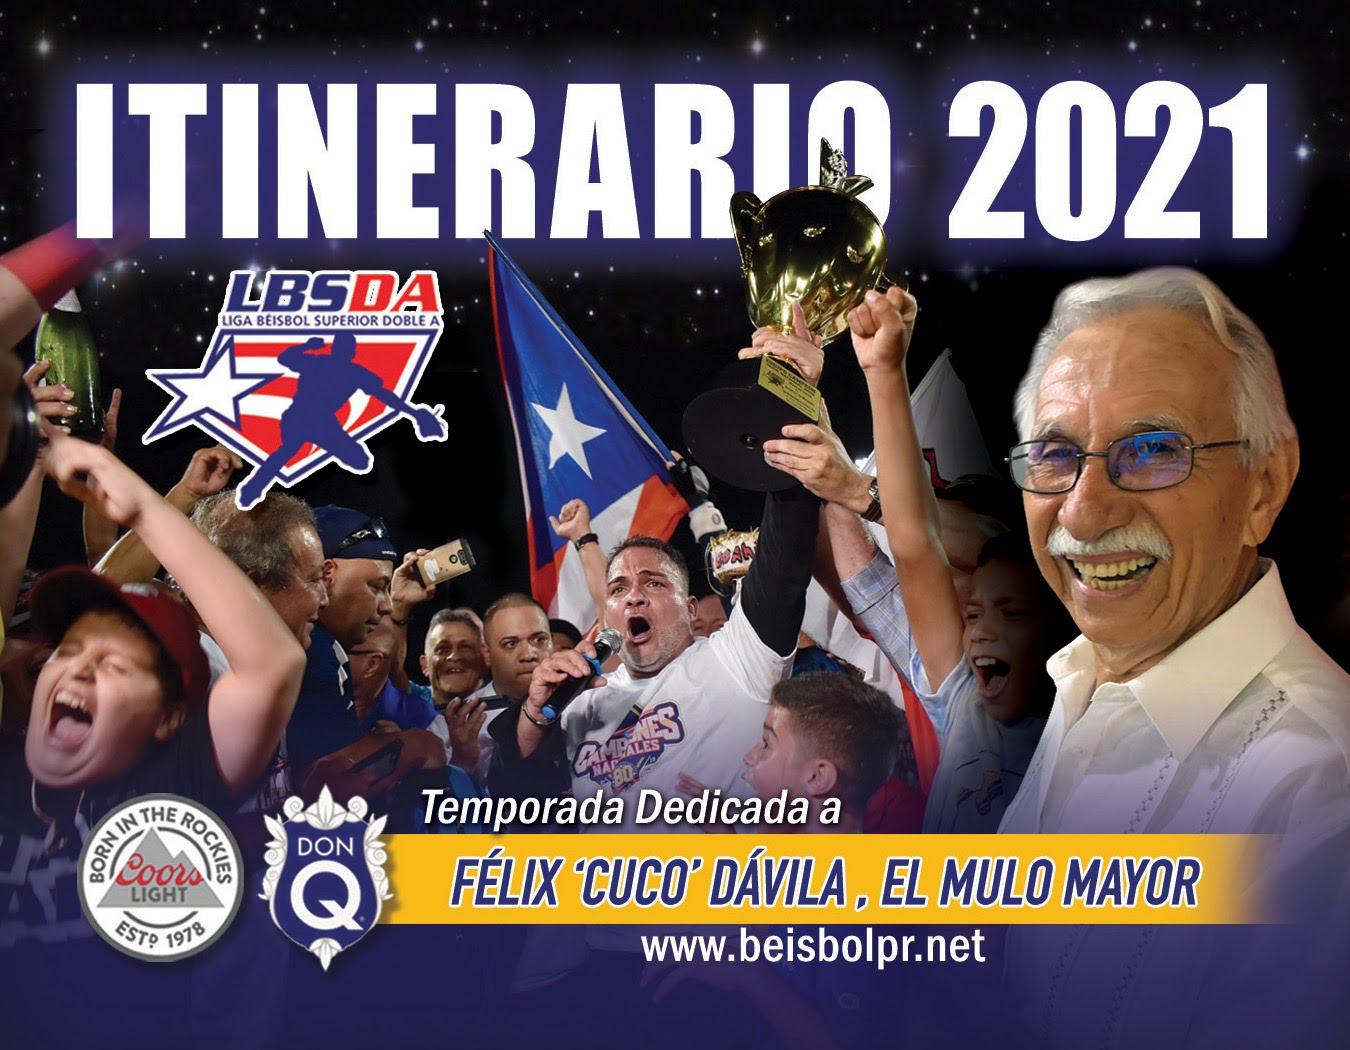 https://issuu.com/tititorosa/docs/itinerario_temporada_2021